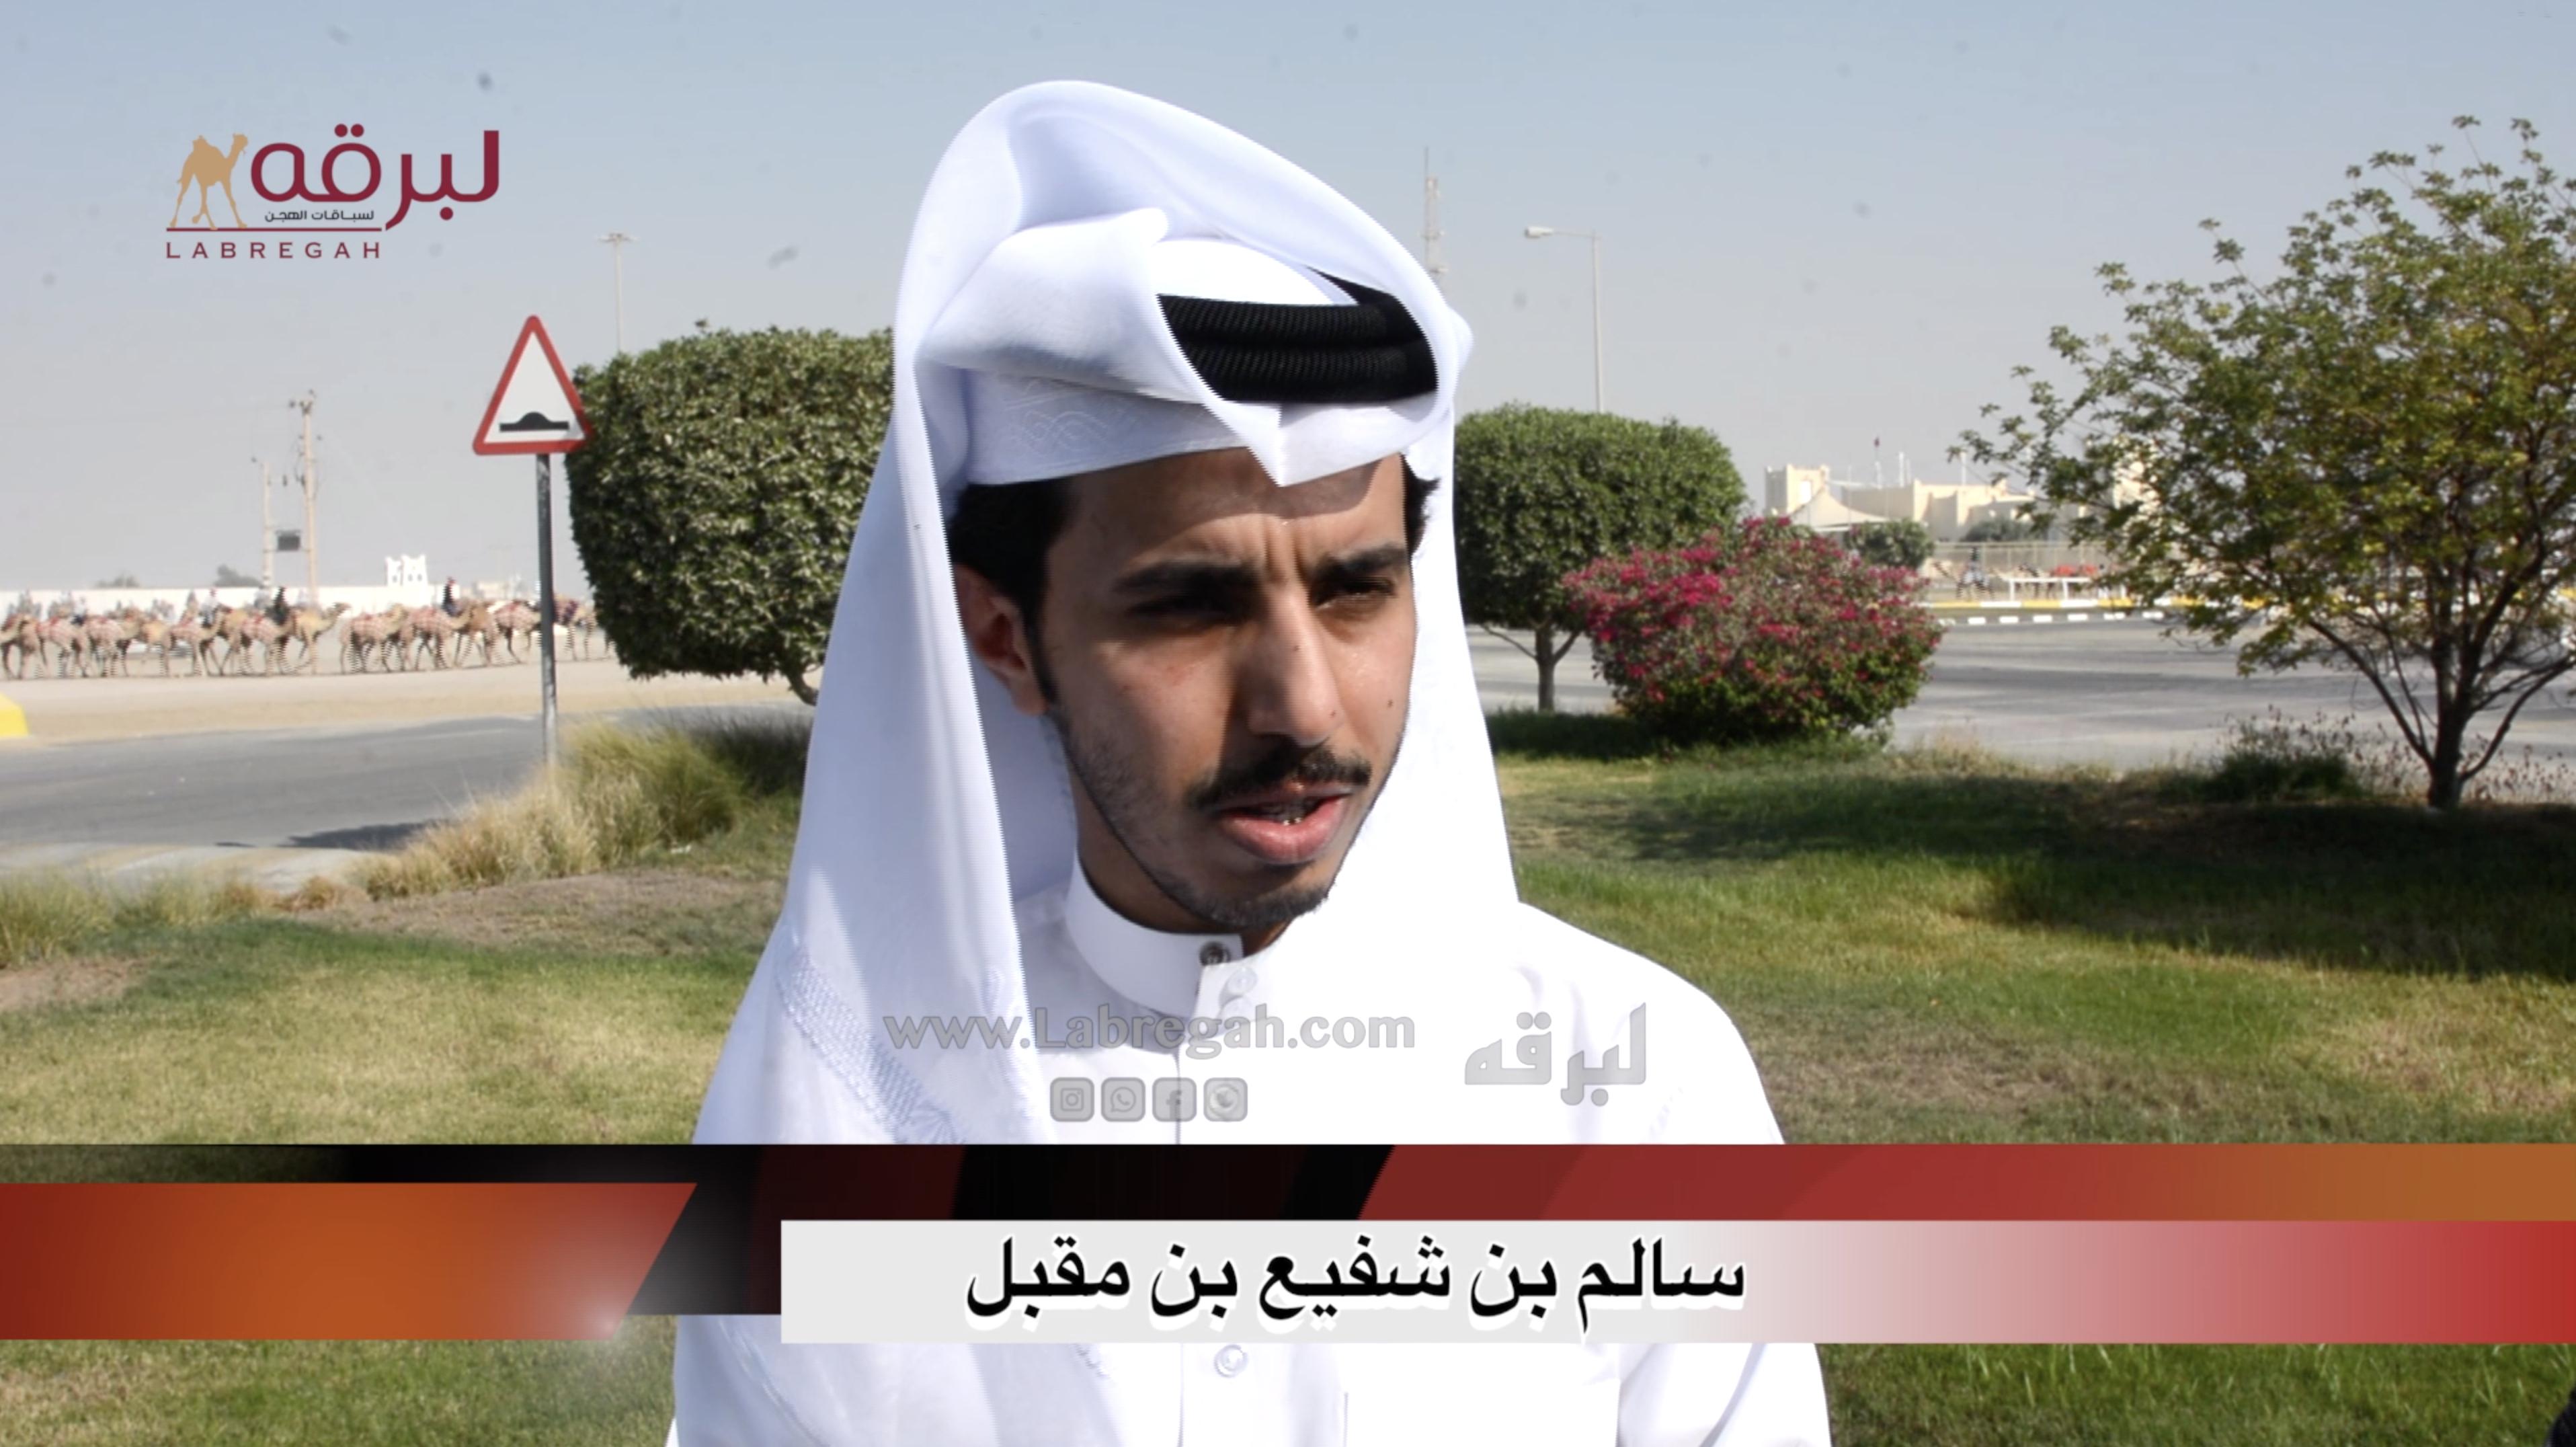 لقاء مع سالم بن شفيع بن مقبل.. الشوط الرئيسي للحقايق قعدان إنتاج صباح ١٩-٩-٢٠٢٠